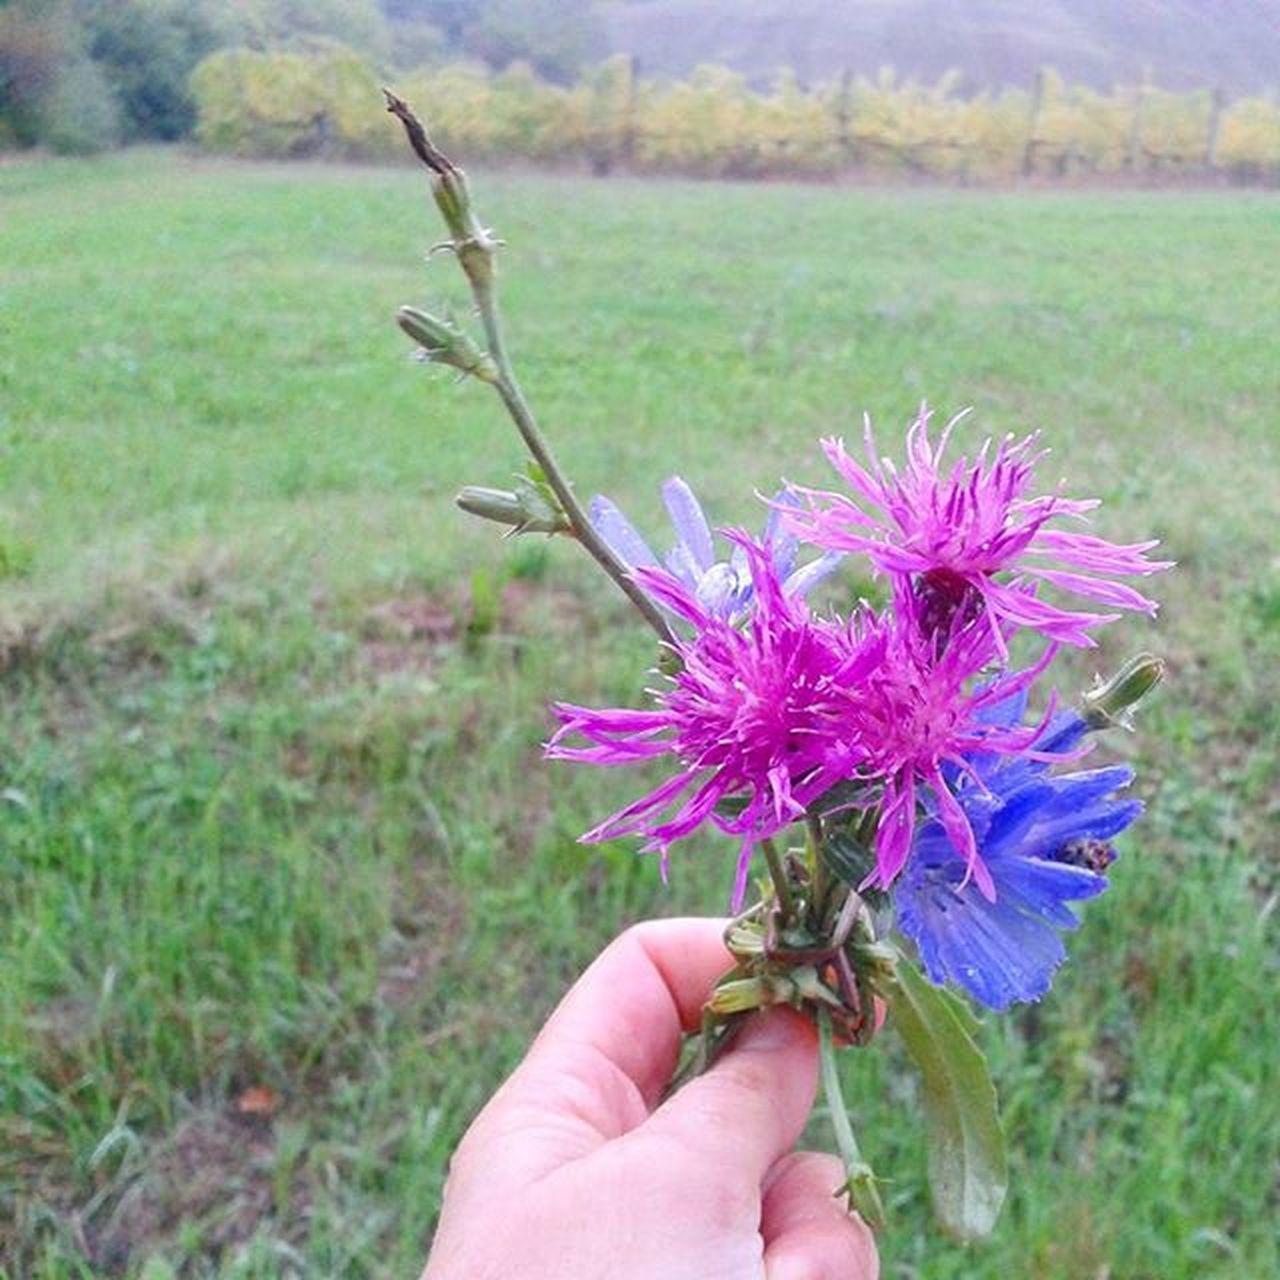 Rain Flowers Flores Vignetoautoctono